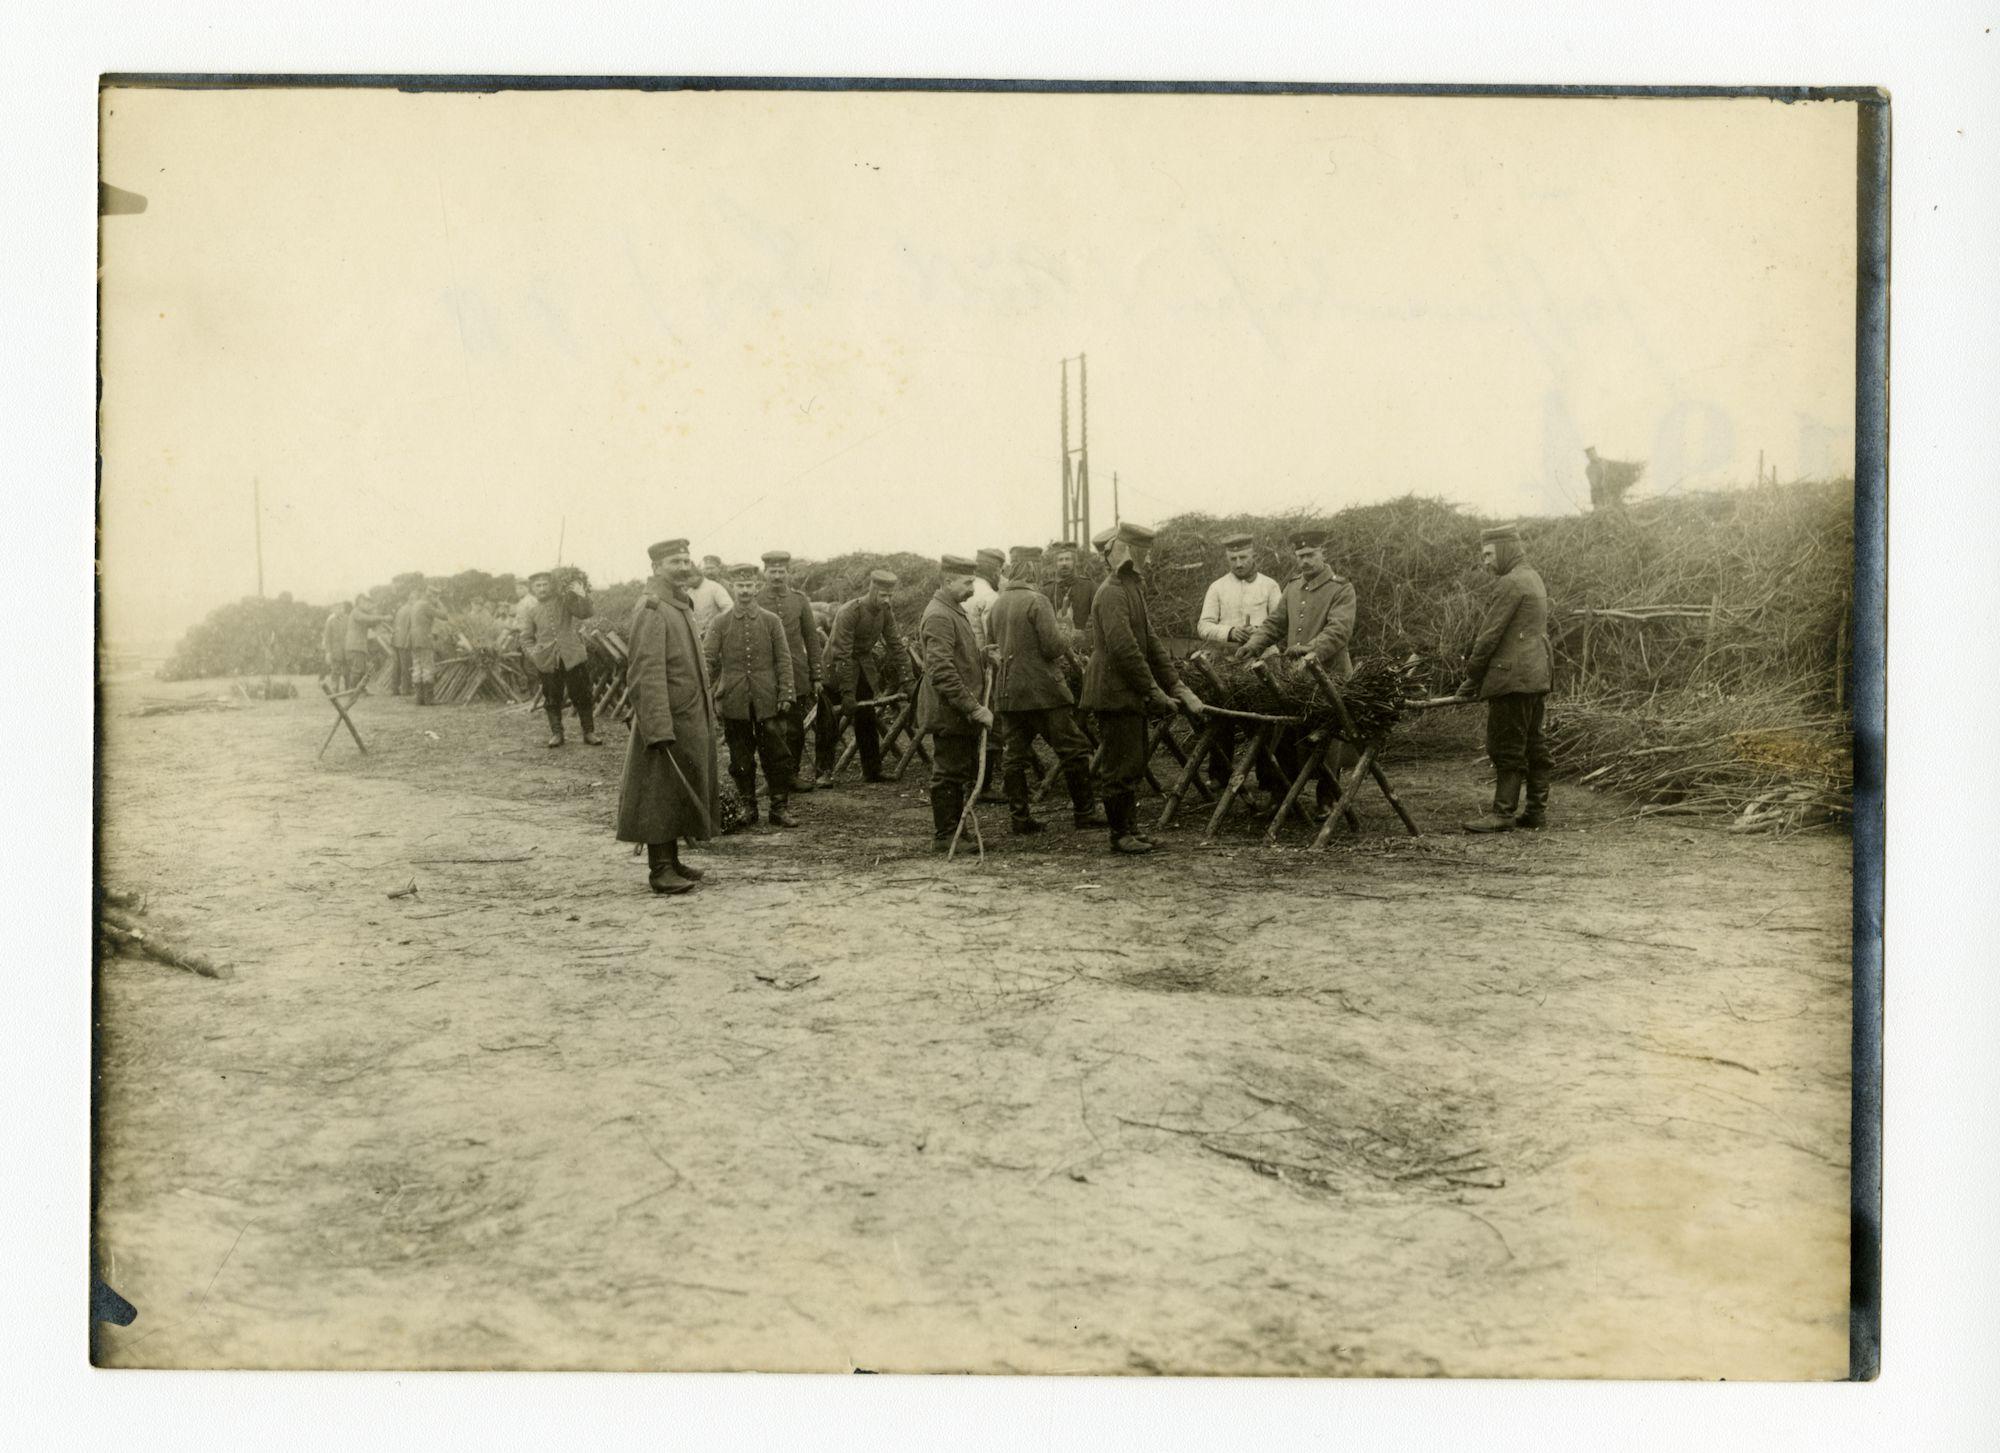 Melle: maken van takkenbossen, 1915-1916